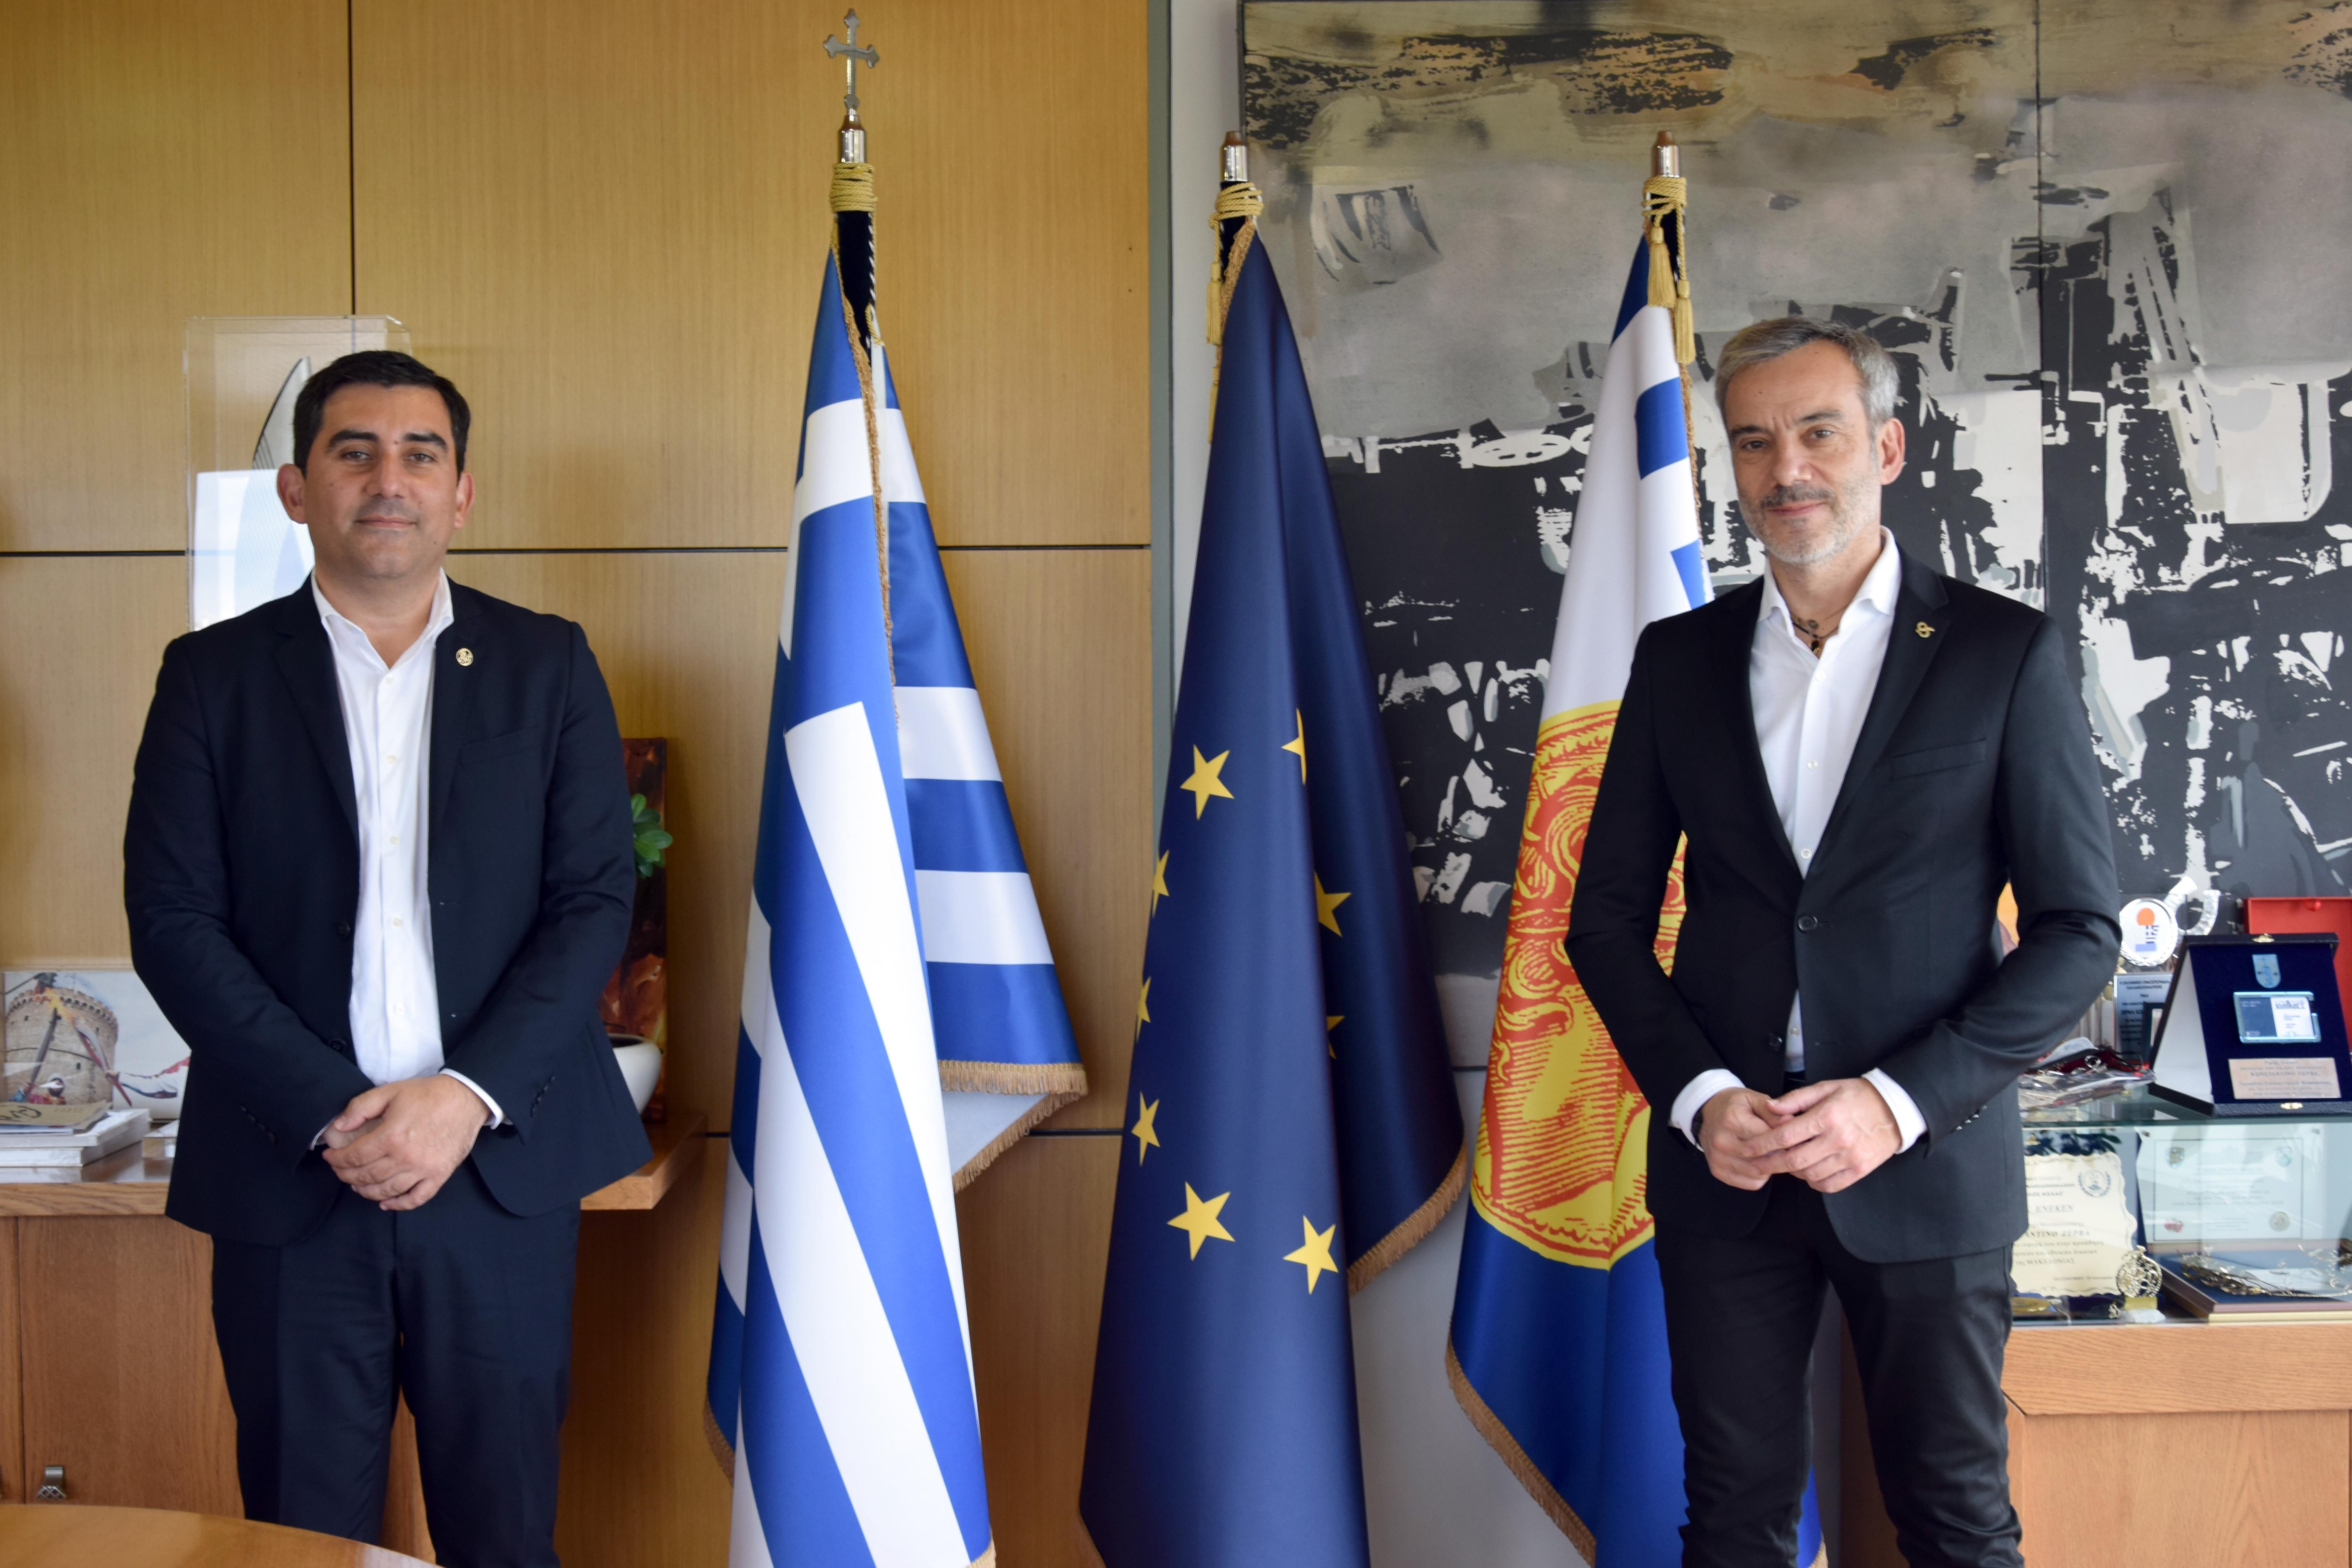 Συναντήθηκε με τον Δήμαρχο Θεσσαλονίκης ο Θοδωρής Τζούμας